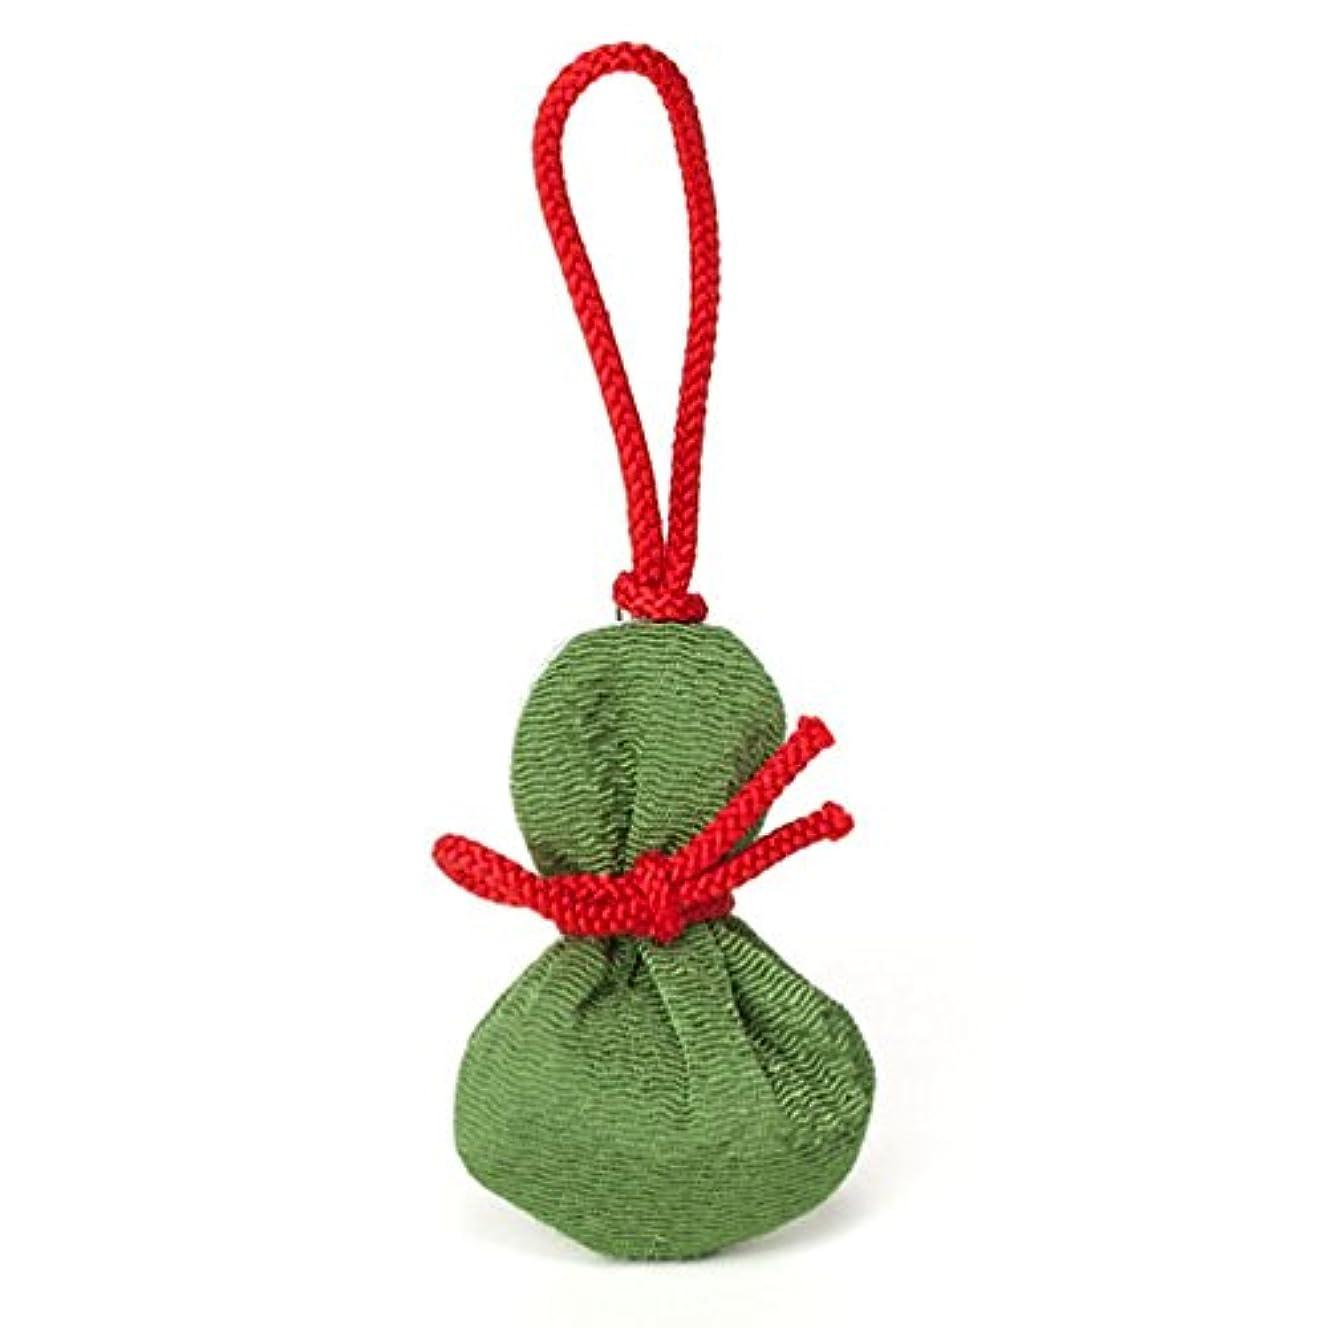 ふつう証明する理想的には松栄堂 匂い袋 誰が袖 ふくべ 1個入 ケースなし (柄か無地をお選びください) (無地)